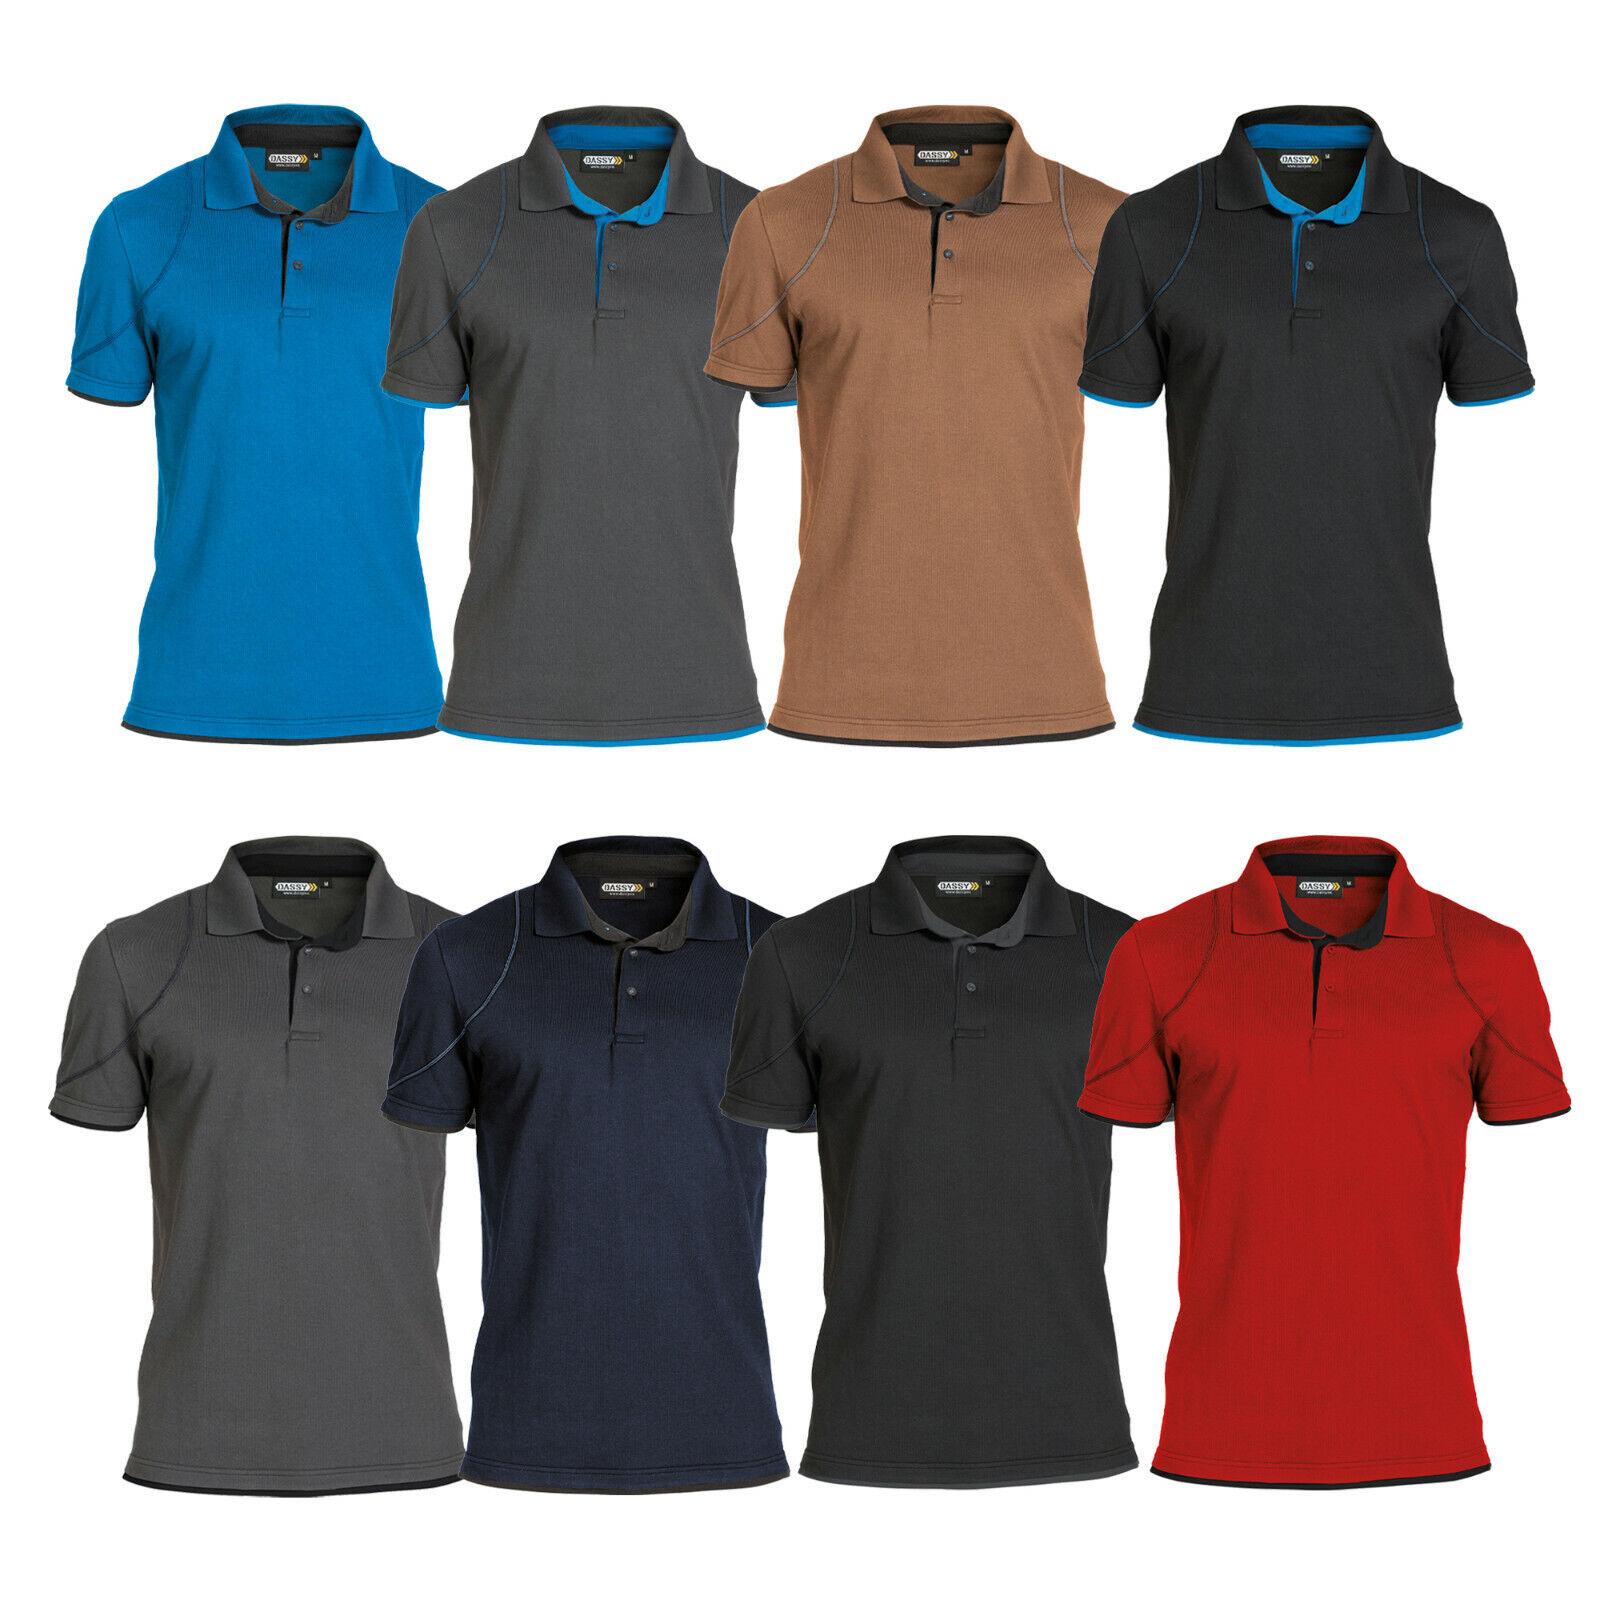 DASSY® Orbital Zweifarbiges Poloshirt Arbeitsshirt Arbeitskleidung Herren Polo